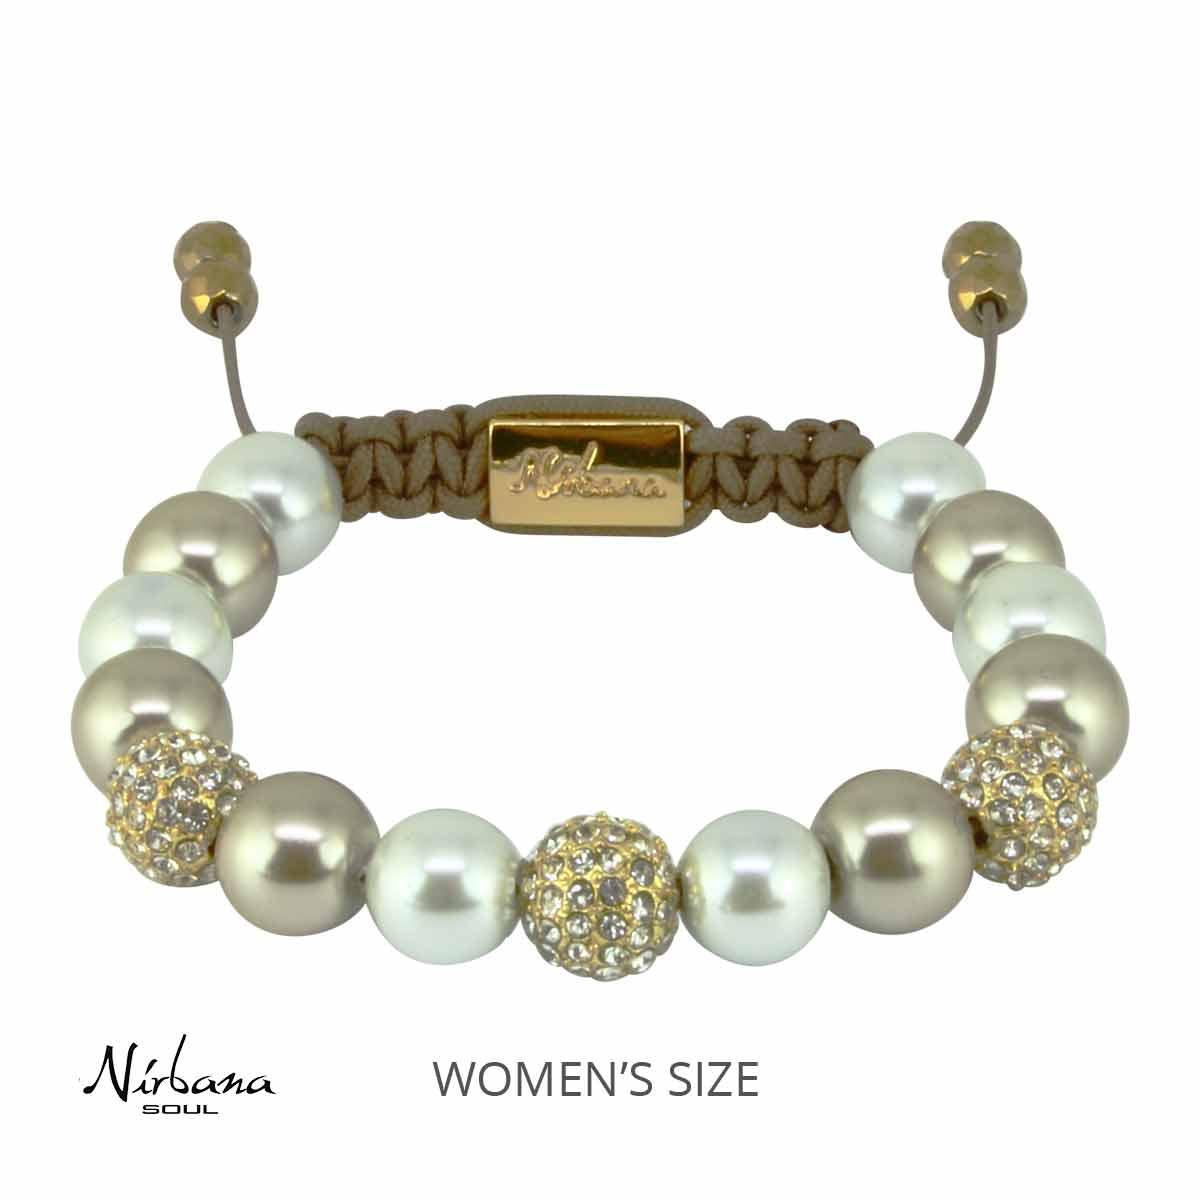 Feminint Swarovski armbånd med krystaller